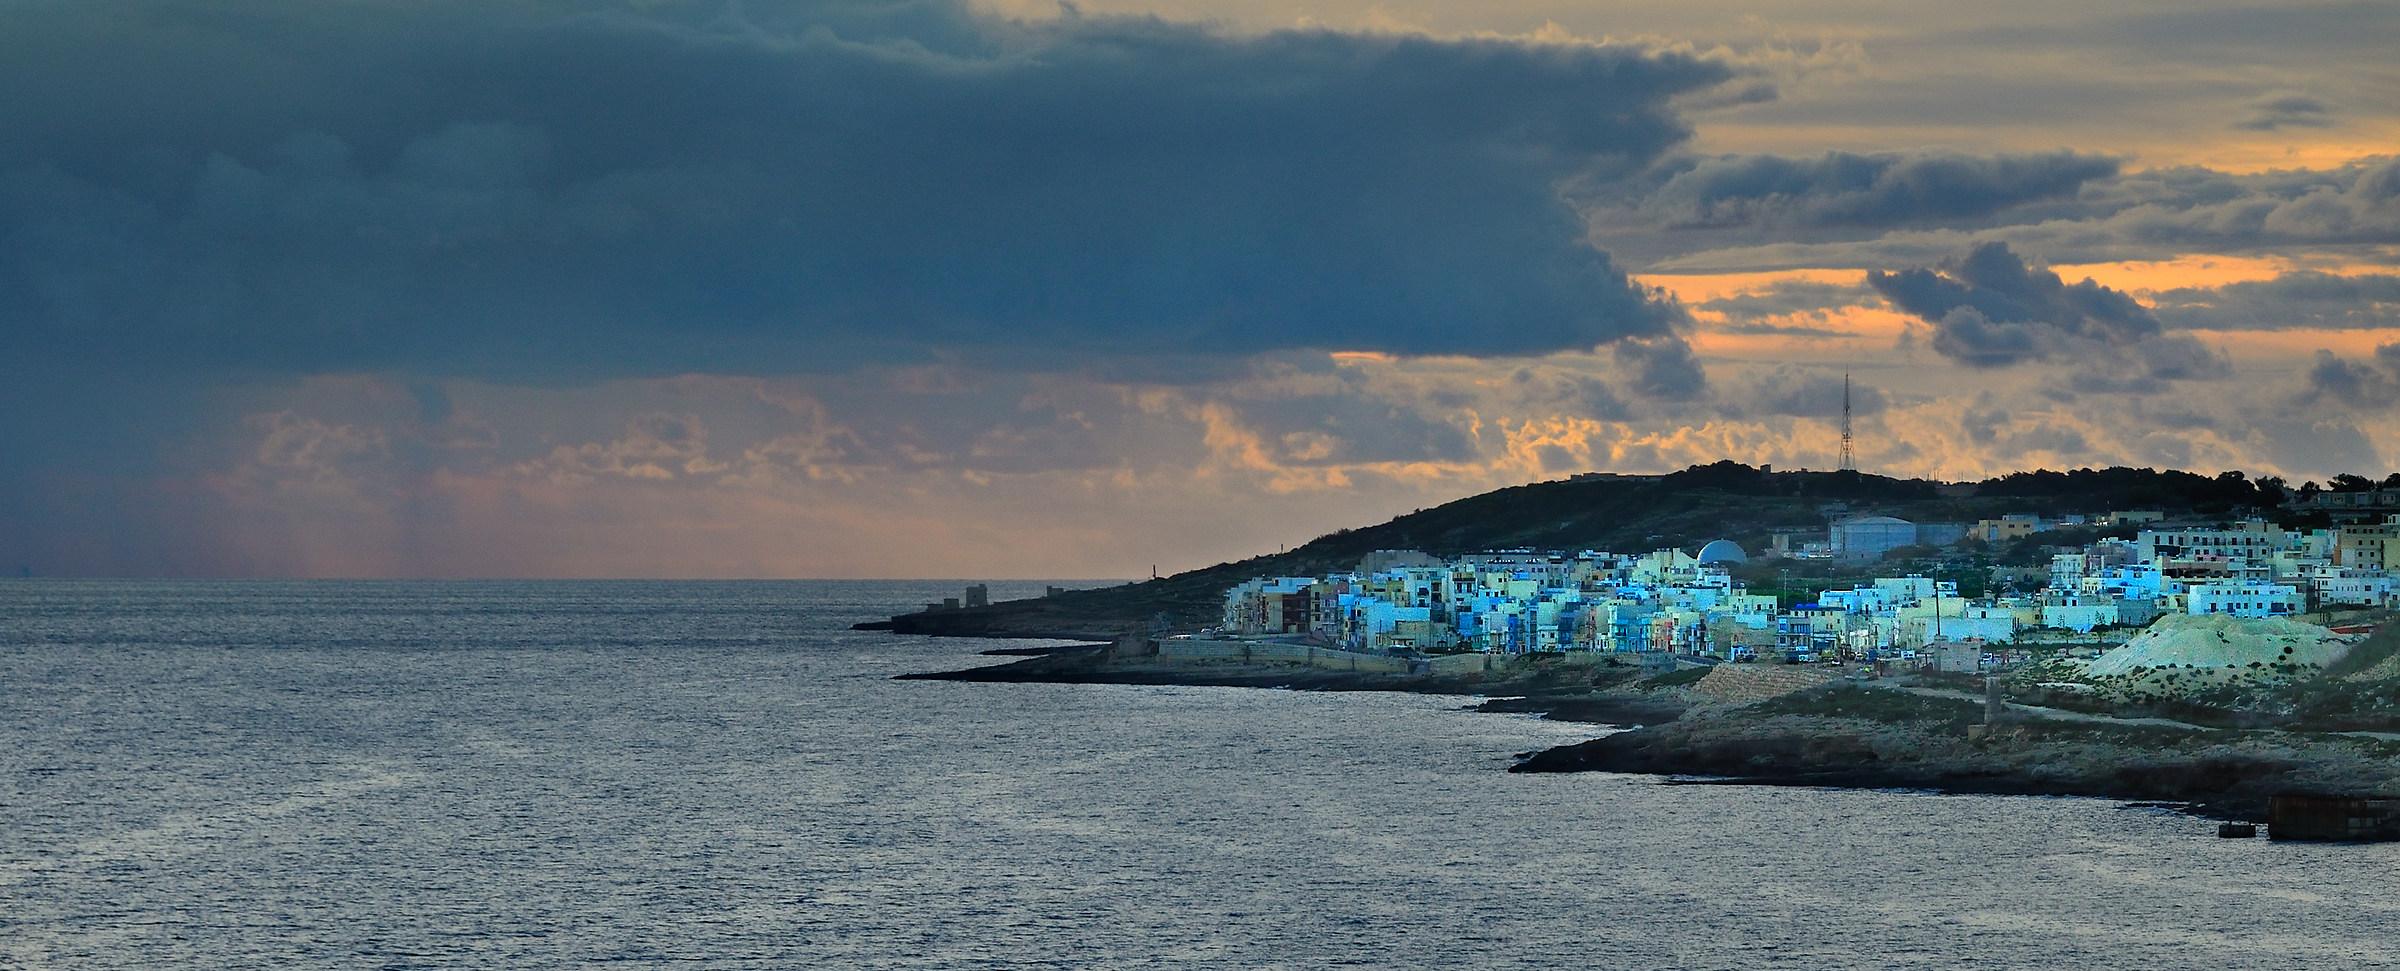 Dawn in Malta...